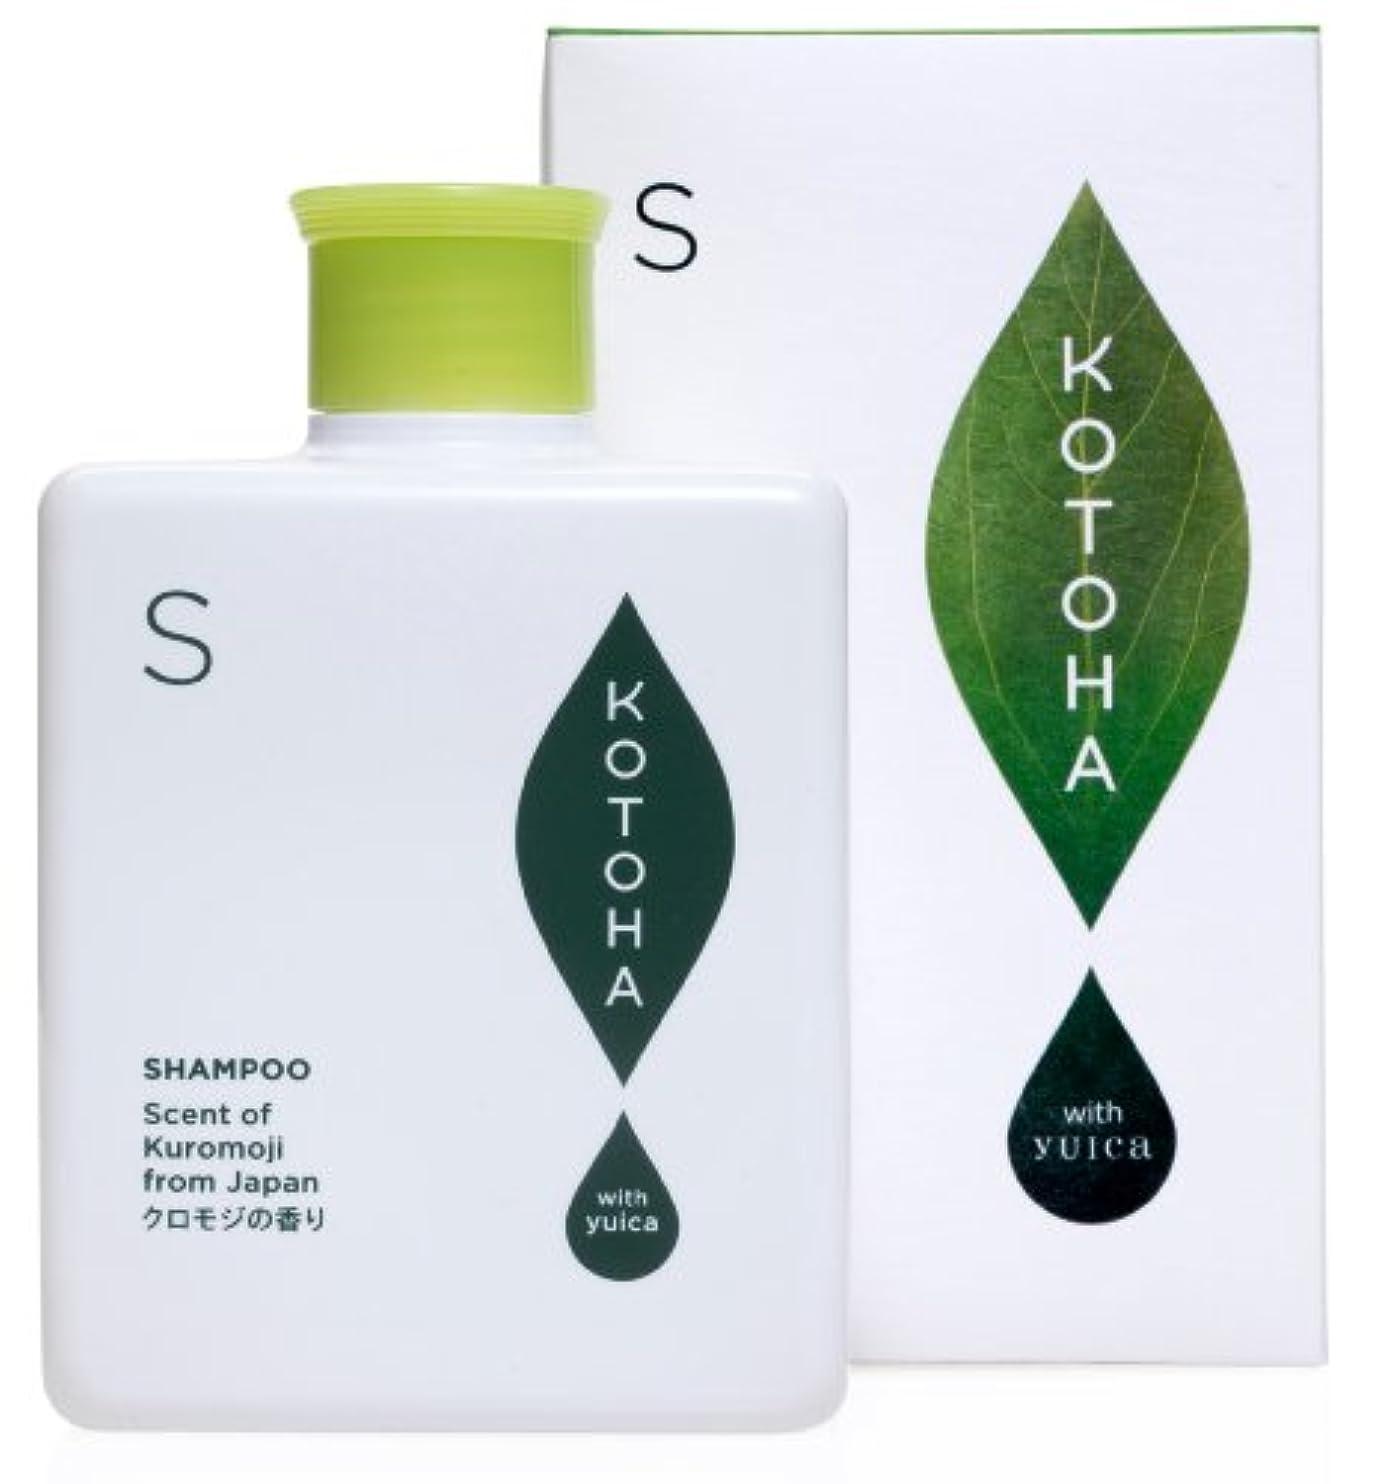 サービス破壊的つづりKOTOHA with yuica ヘアシャンプー やすらぎの香り(クロモジベース) 300mL